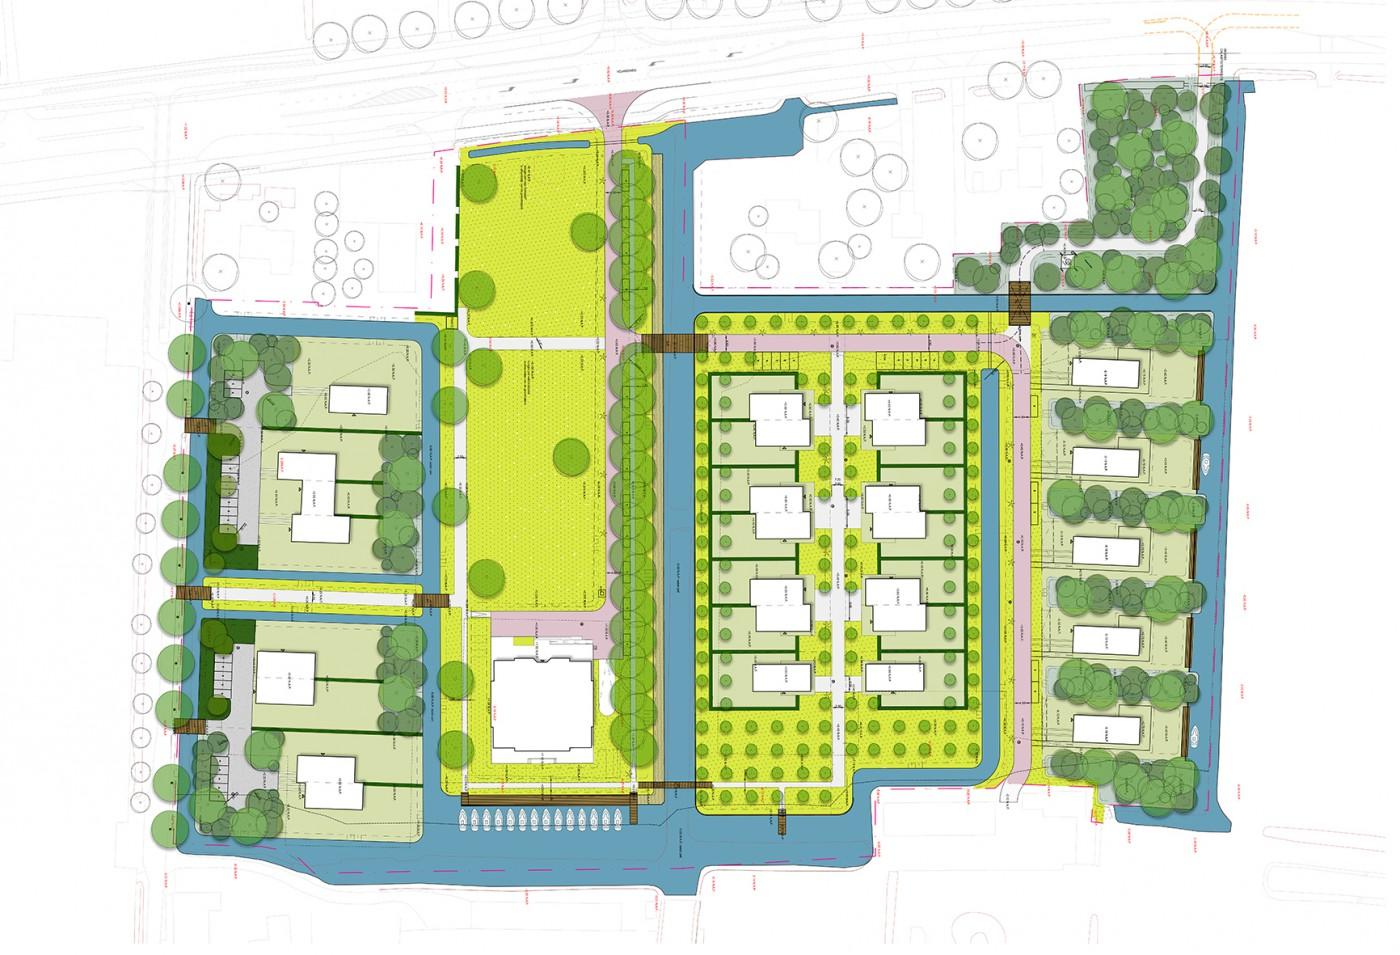 buro-sant-en-co-landschapsarchitectuur-roosenhorst-voorschoten-ontwerp-landschap-woonomgeving-plattegrond-1